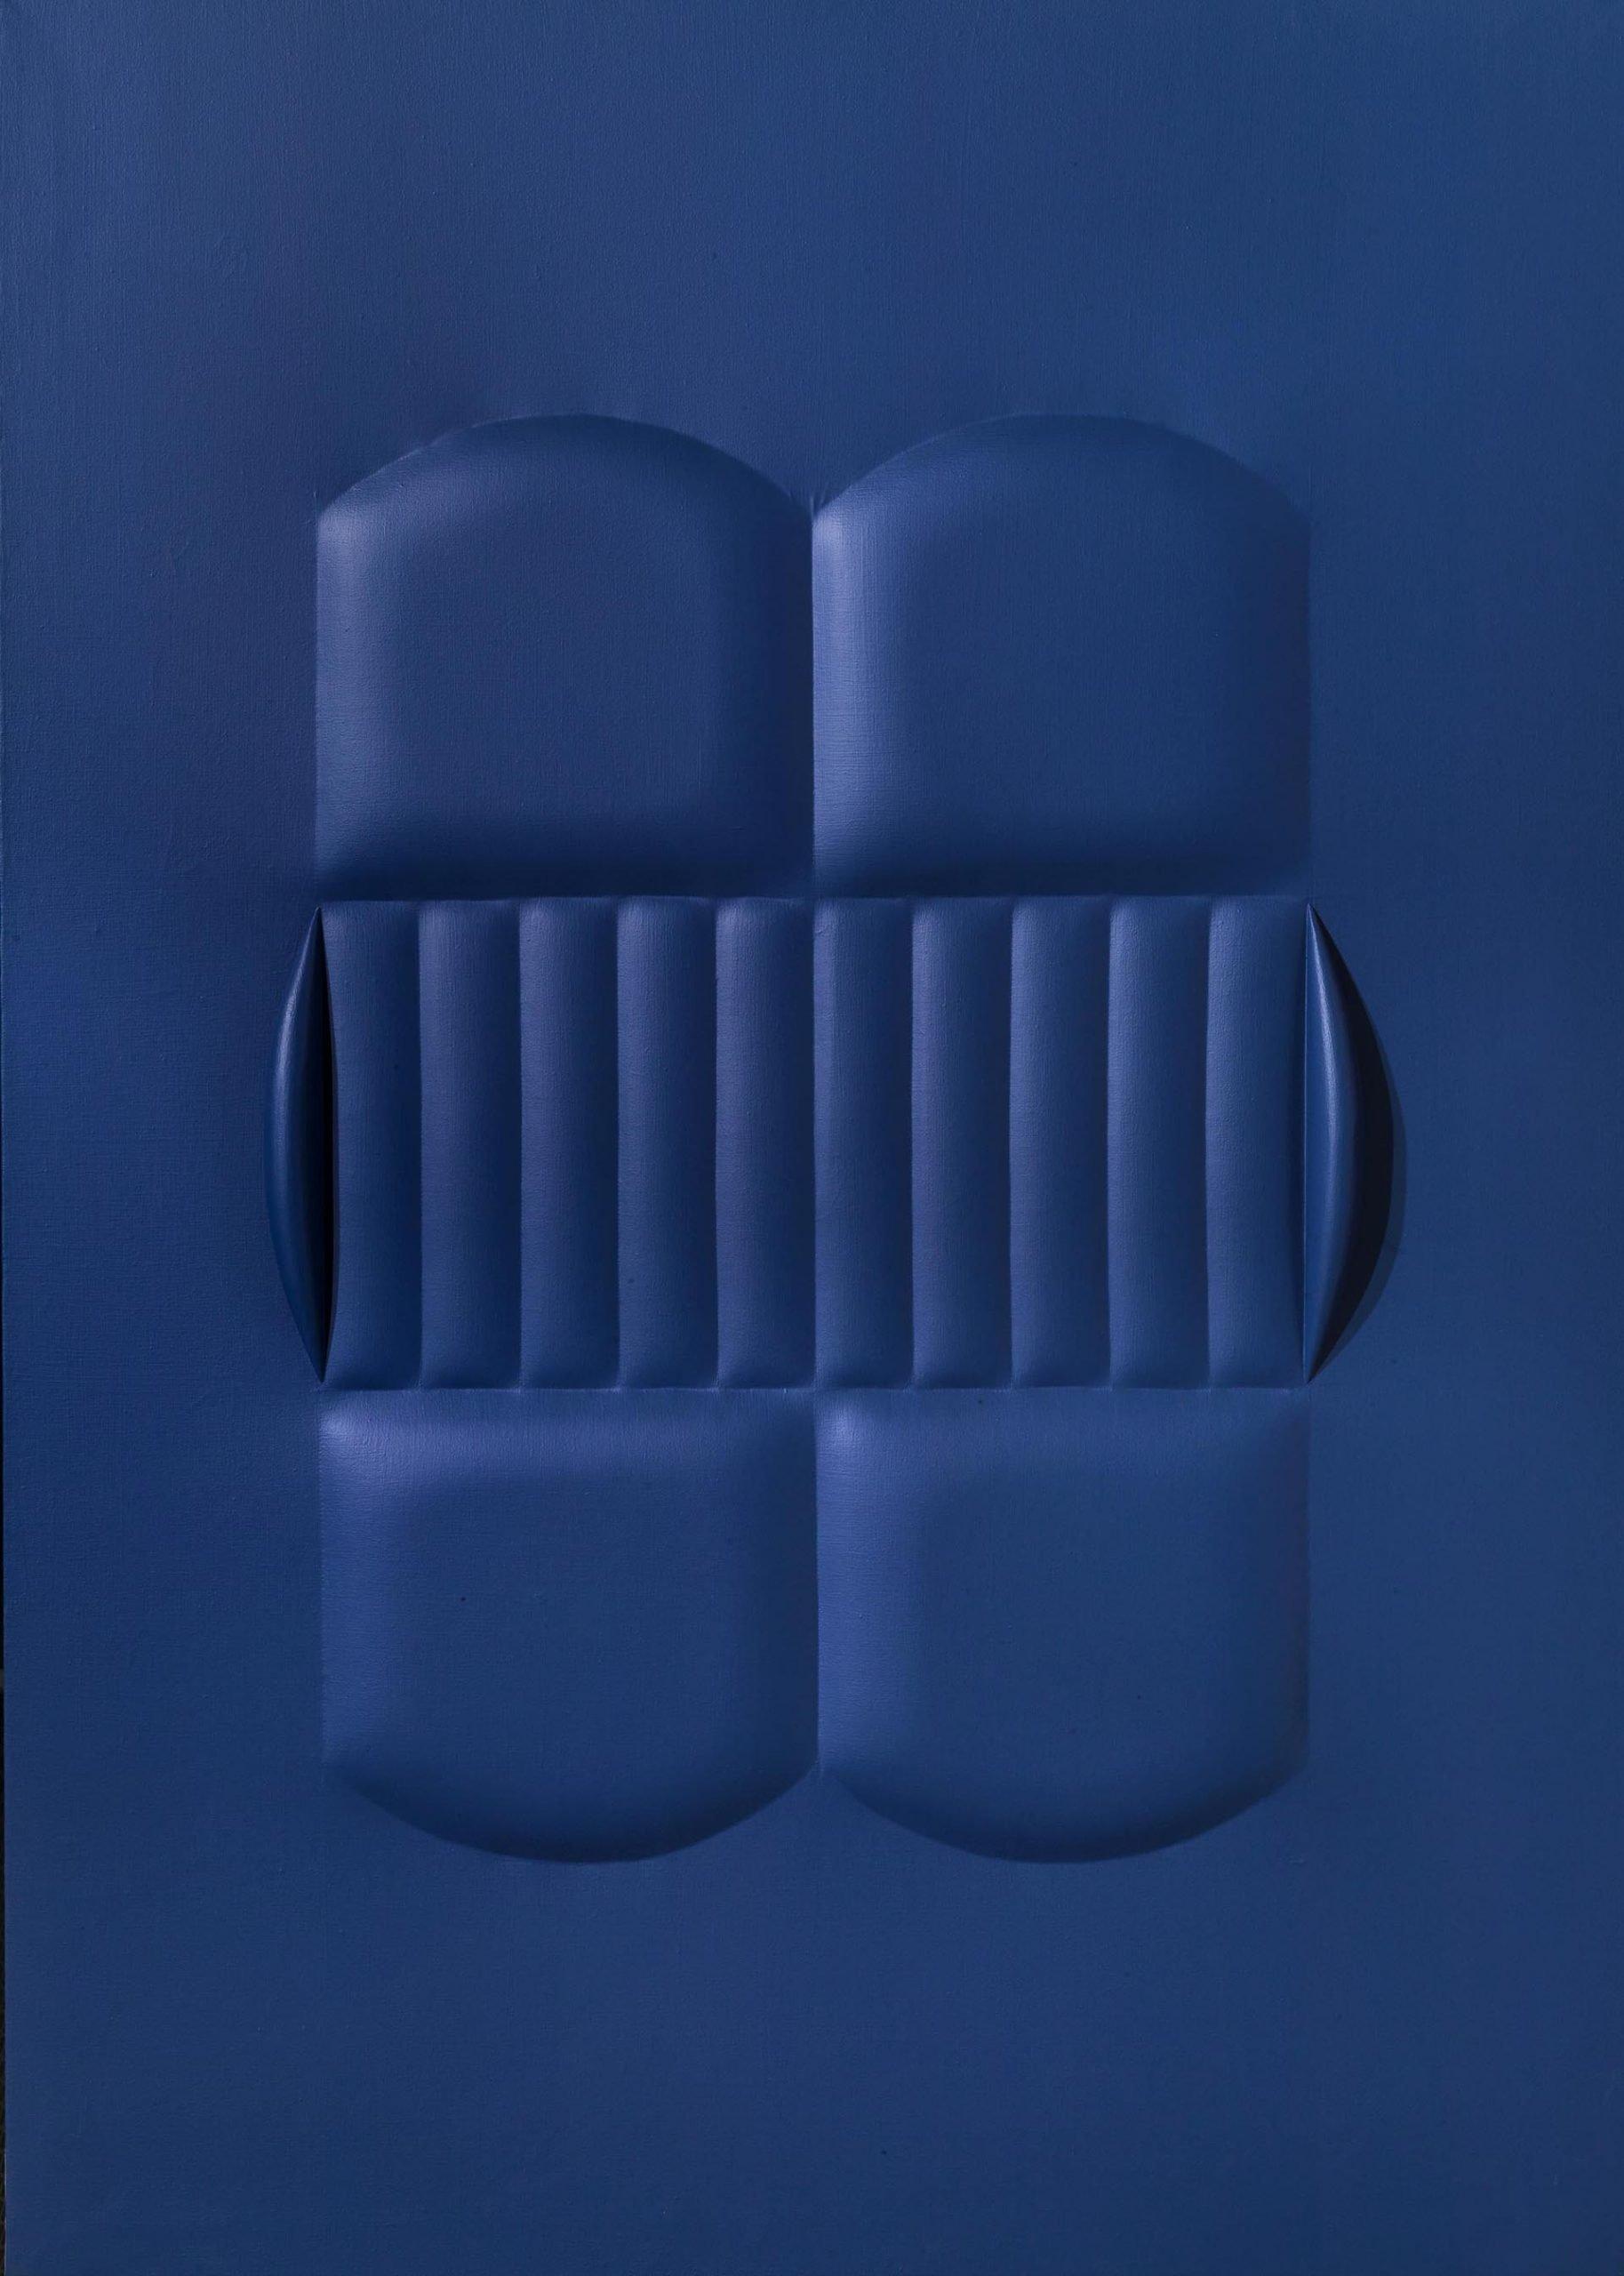 Bonalumi, Blu, 1964, 140x100 cm